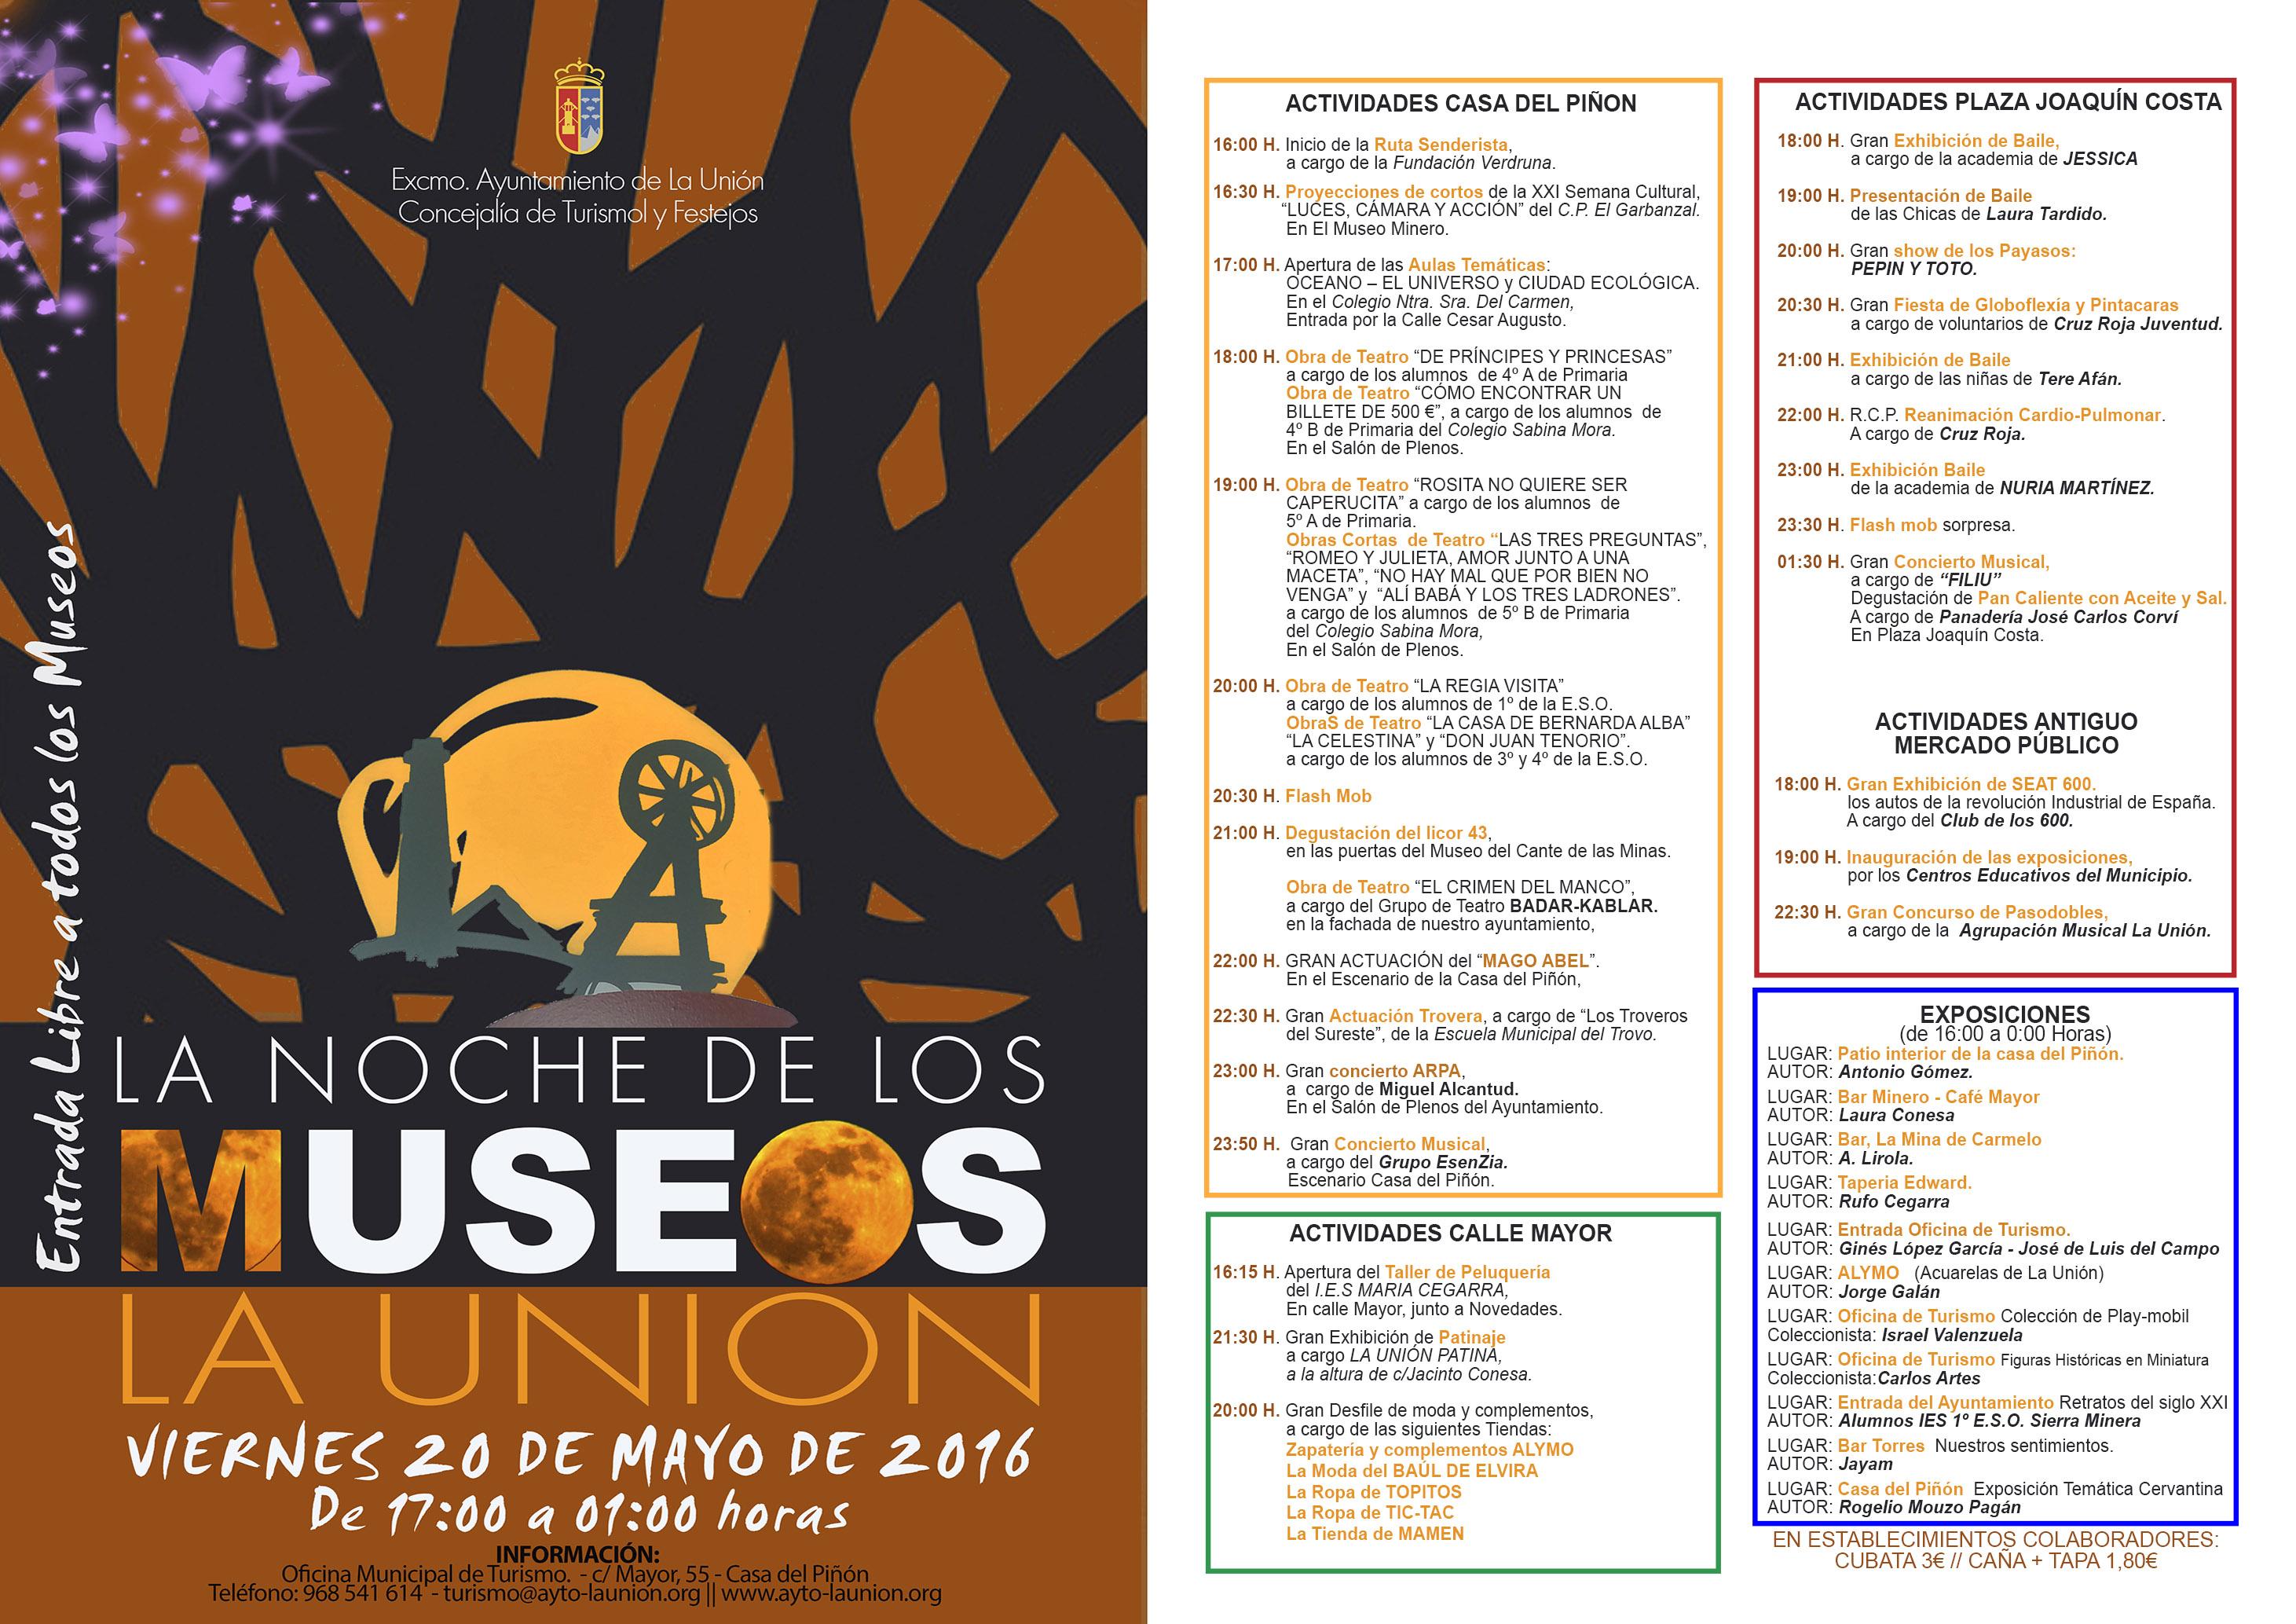 NOCHE DE LOS MUSEOS EN LA UNIÓN | Excmo. Ayuntamiento de La Unión